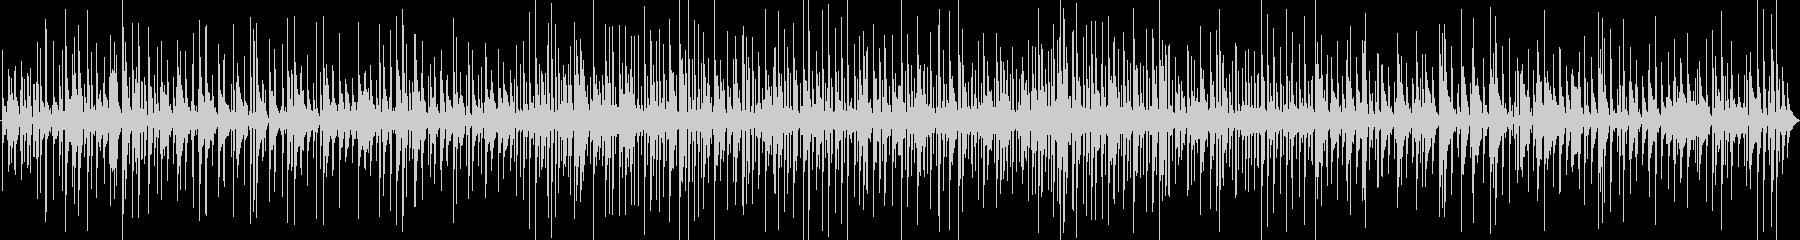 カクテルの似合うおしゃれピアノジャズバーの未再生の波形